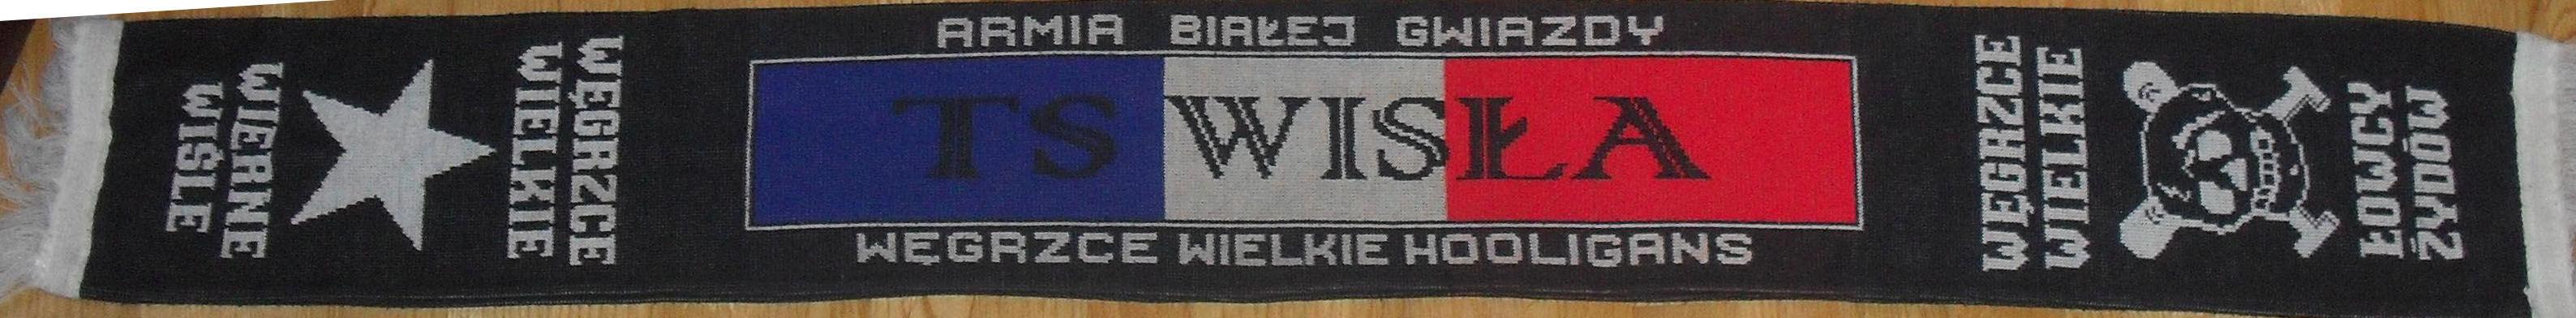 Szalik Węgrzce Wielkie Wisła Kraków